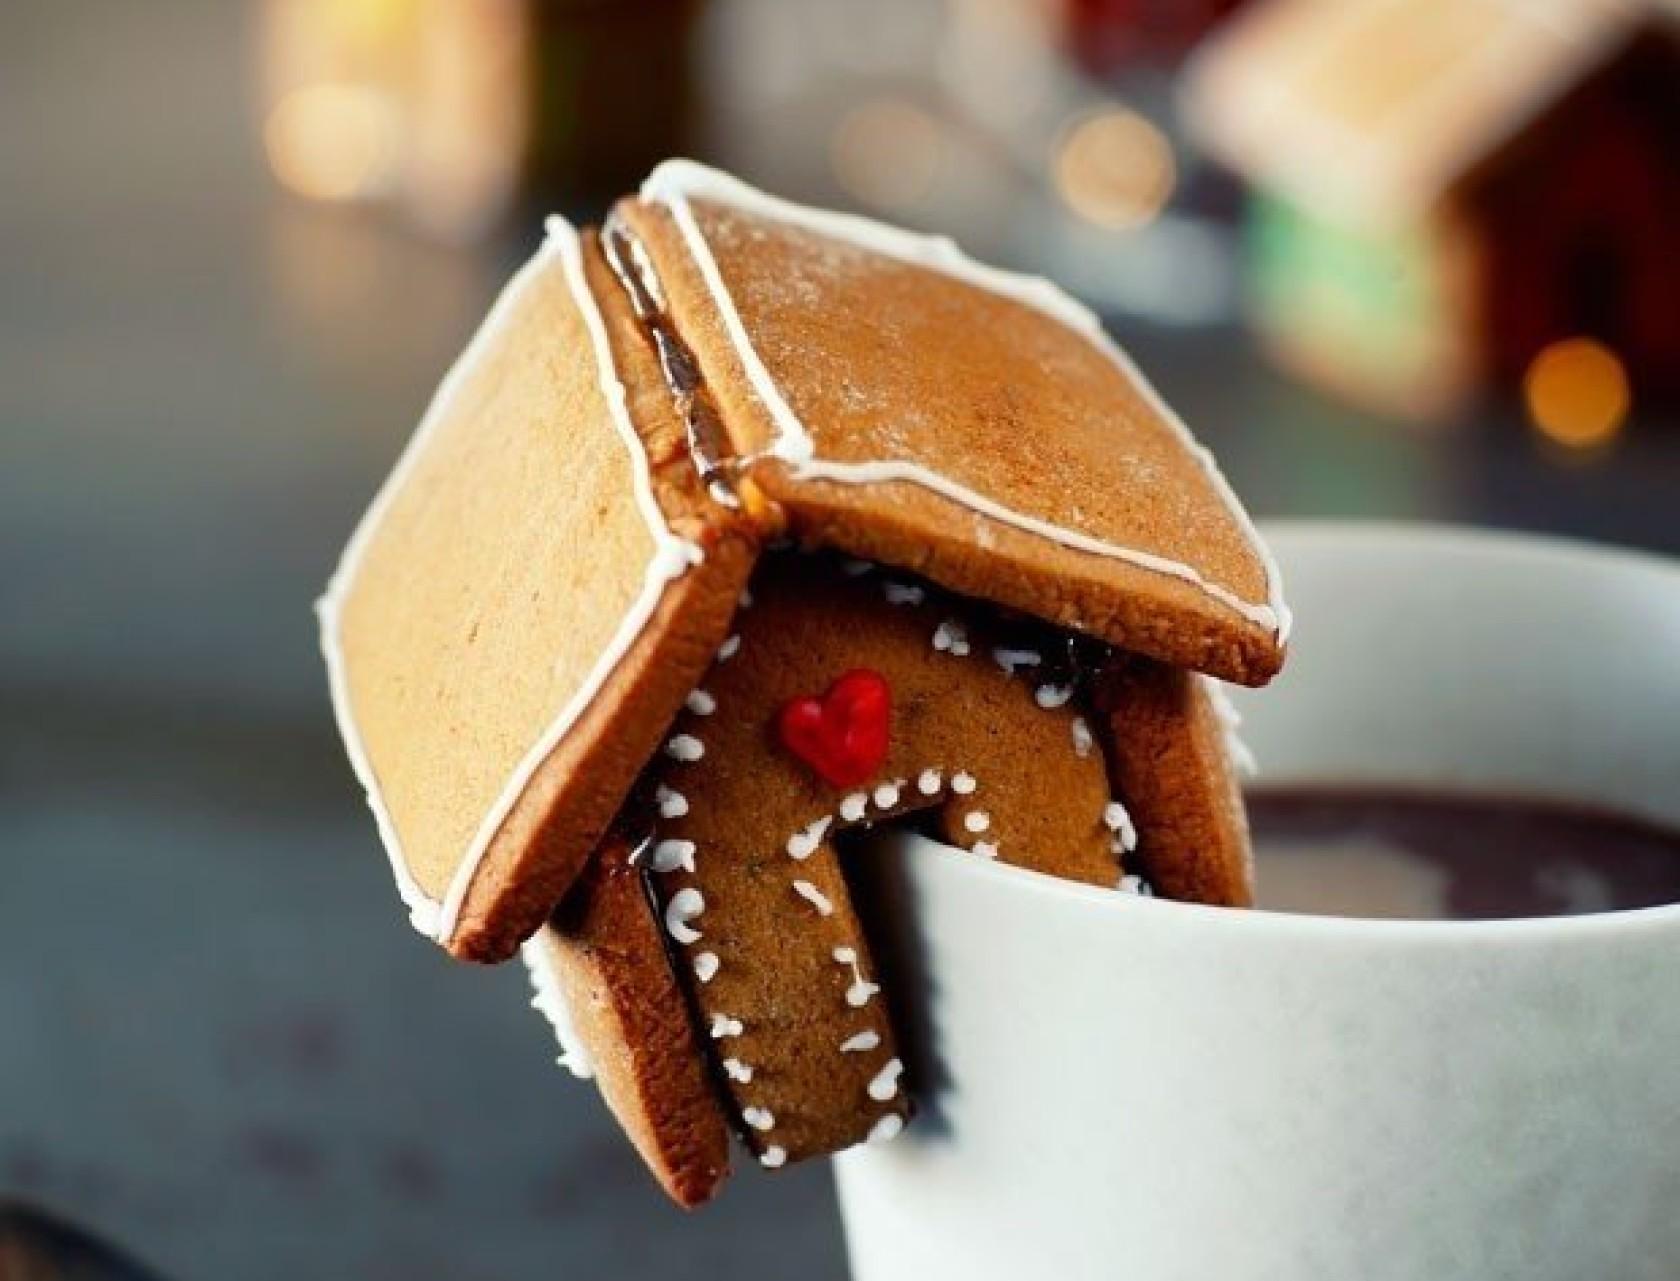 Hjemmelavet mini-kagehus til julens hyggestunder.